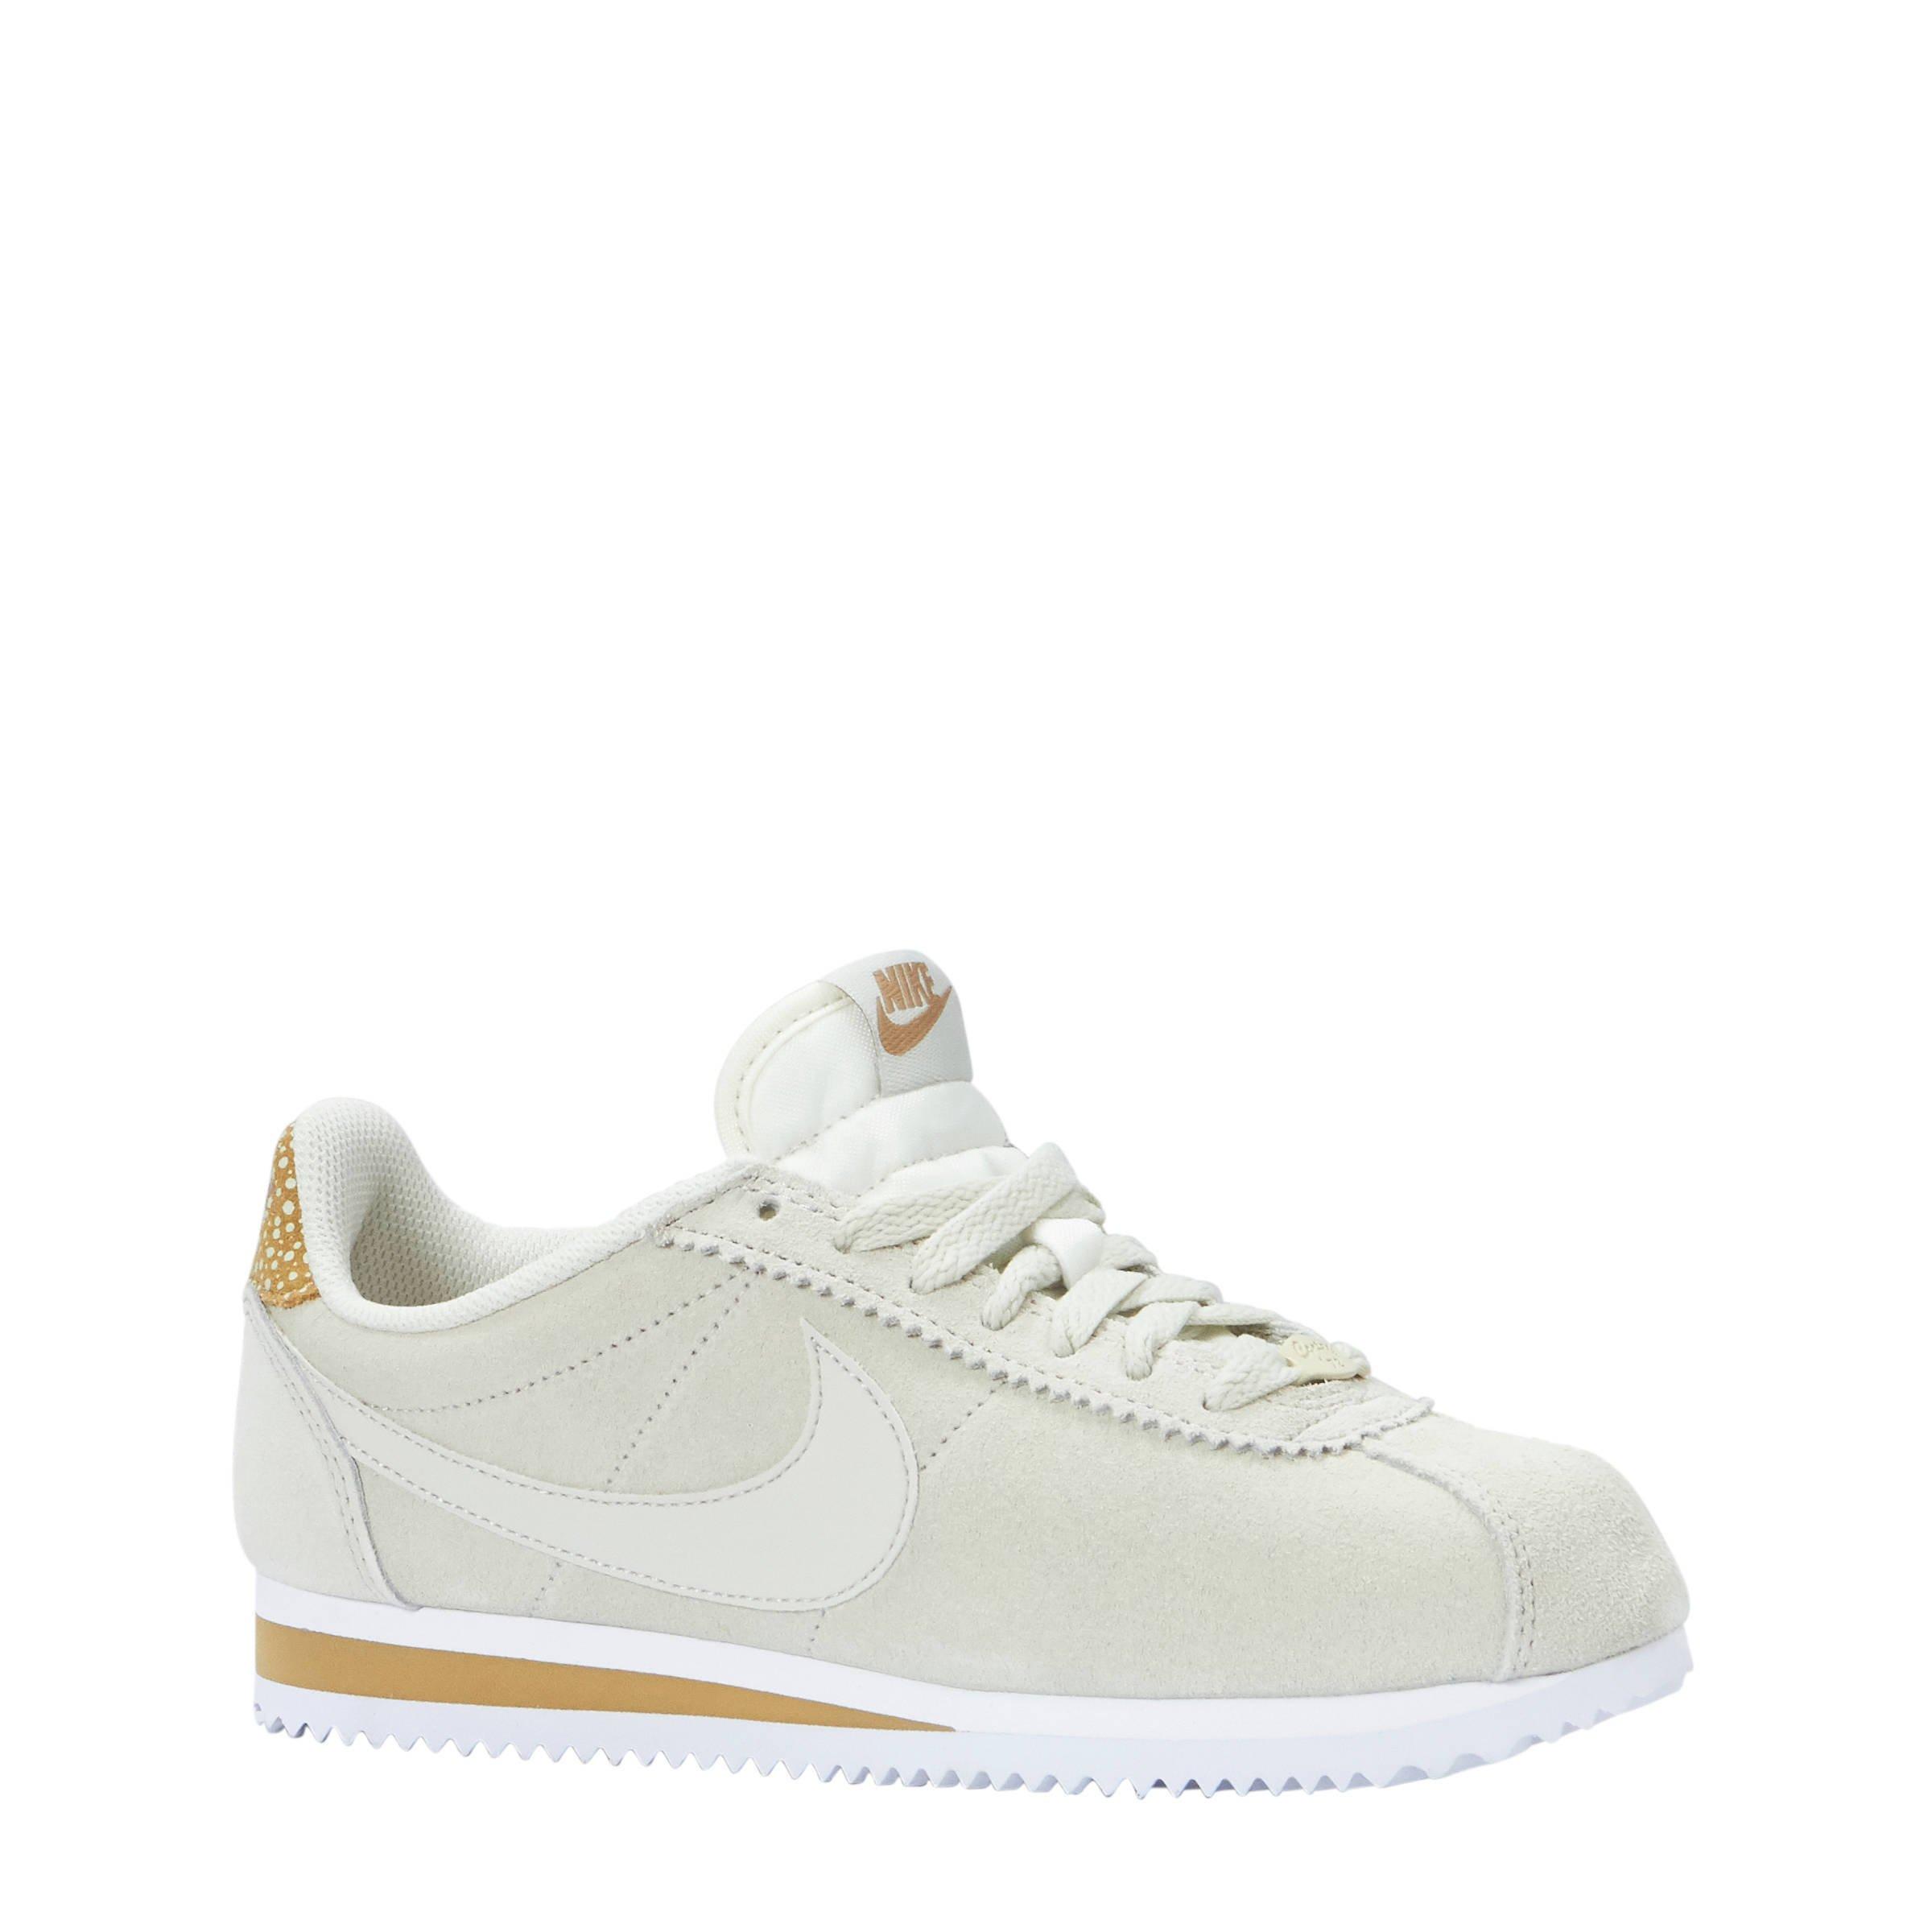 82f89a7c485 nike-classic-cortez-premium-suede-sneakers-beige-beige-0191887936091.jpg